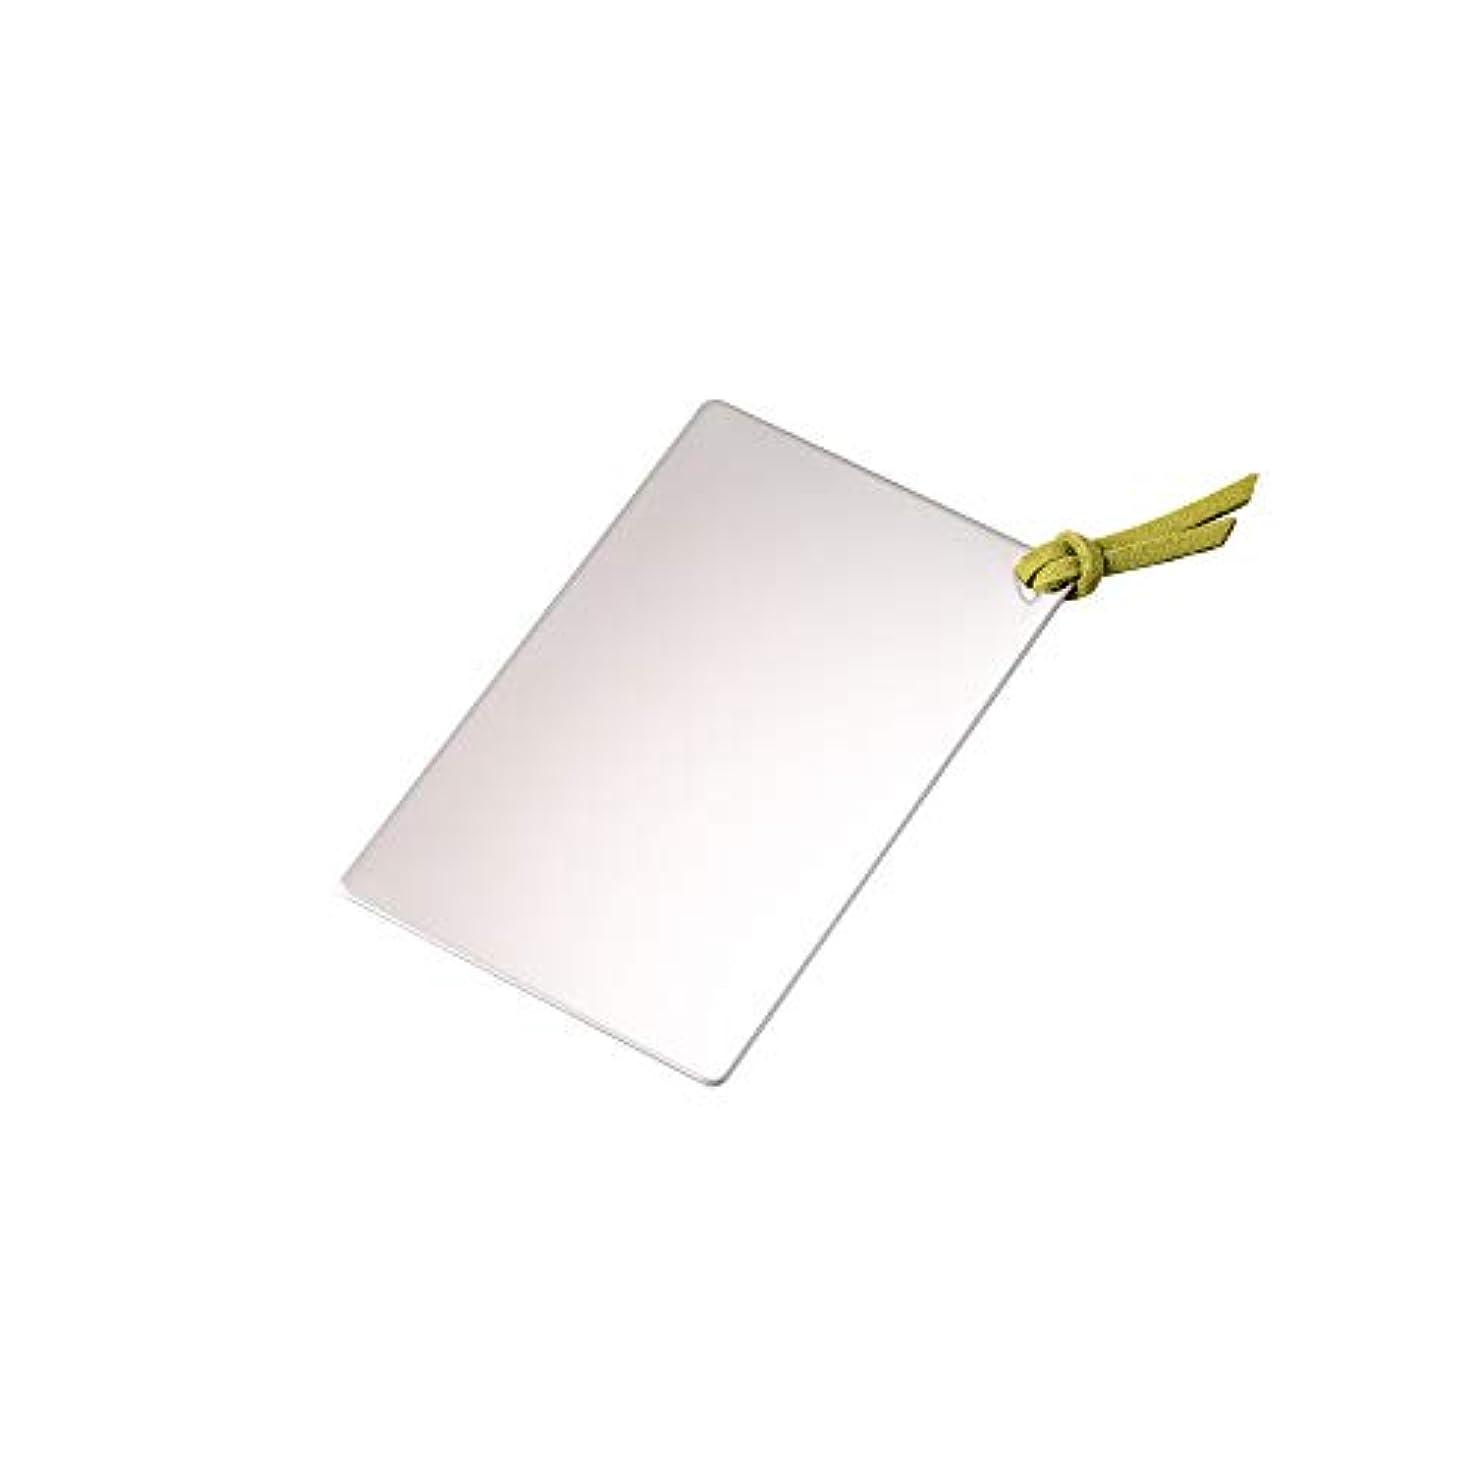 種類ベッドを作る締め切り割れないステンレスカードミラー ライトグリーン?SC-01LG